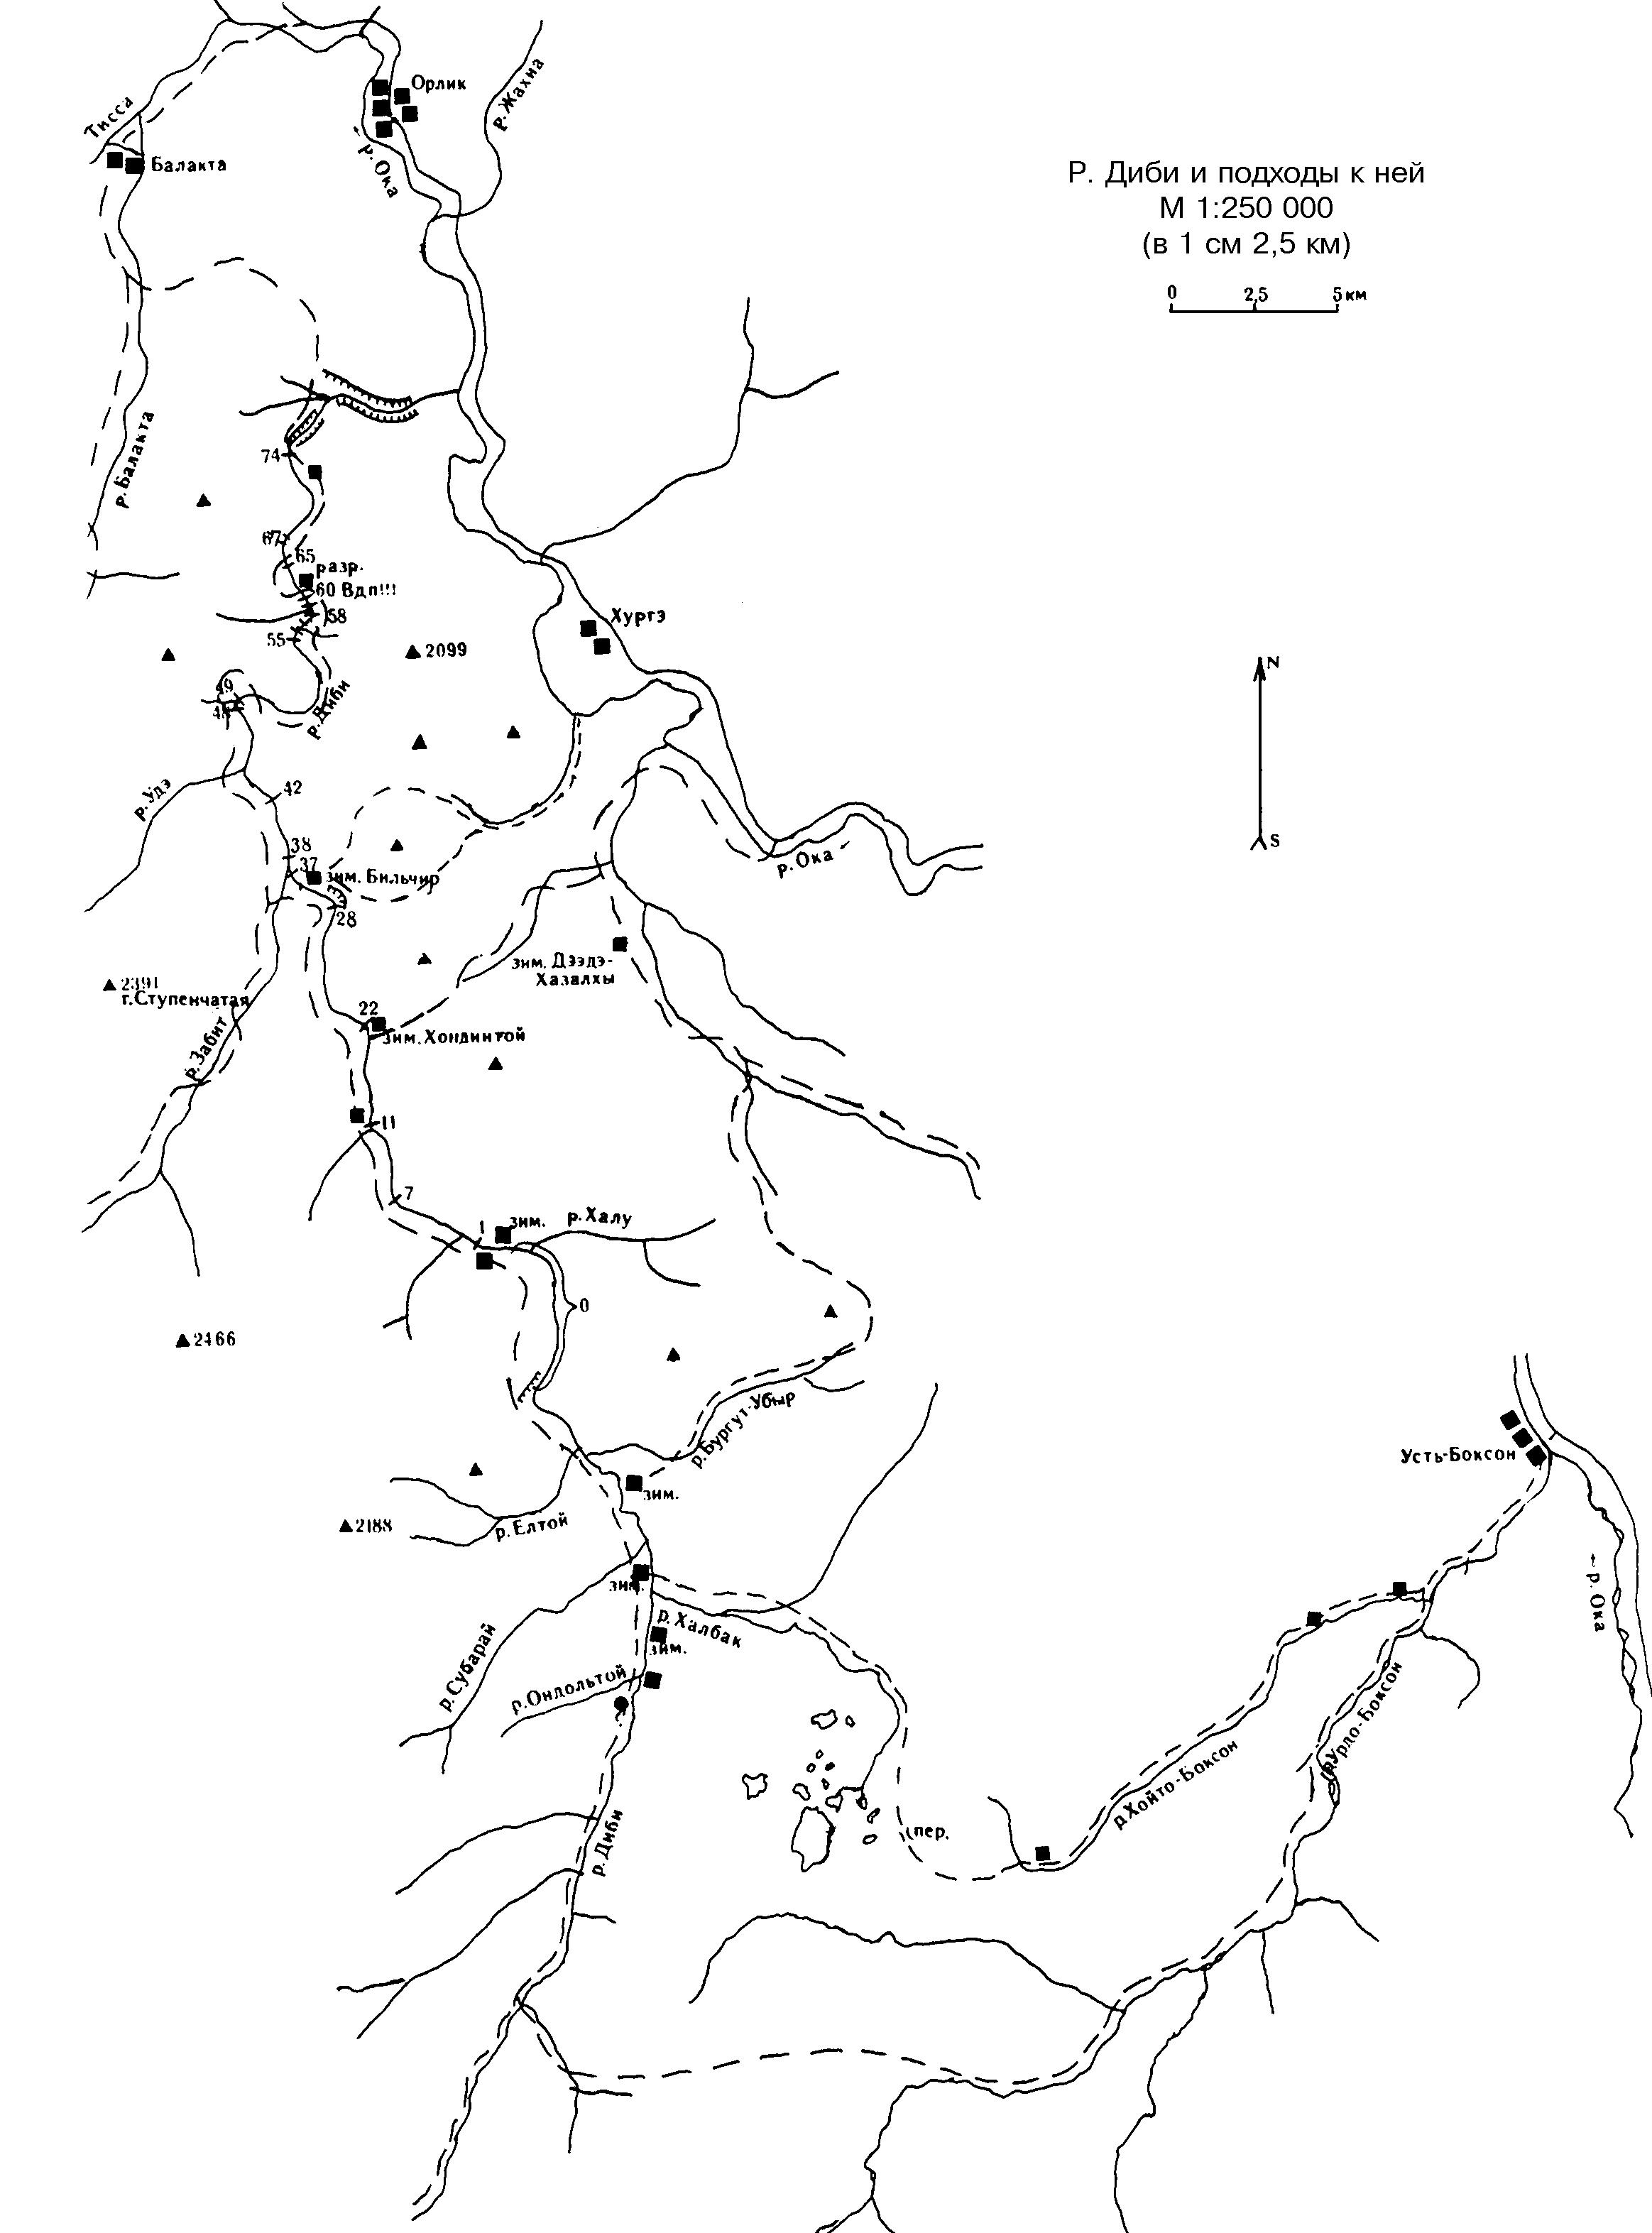 Диби схема реки